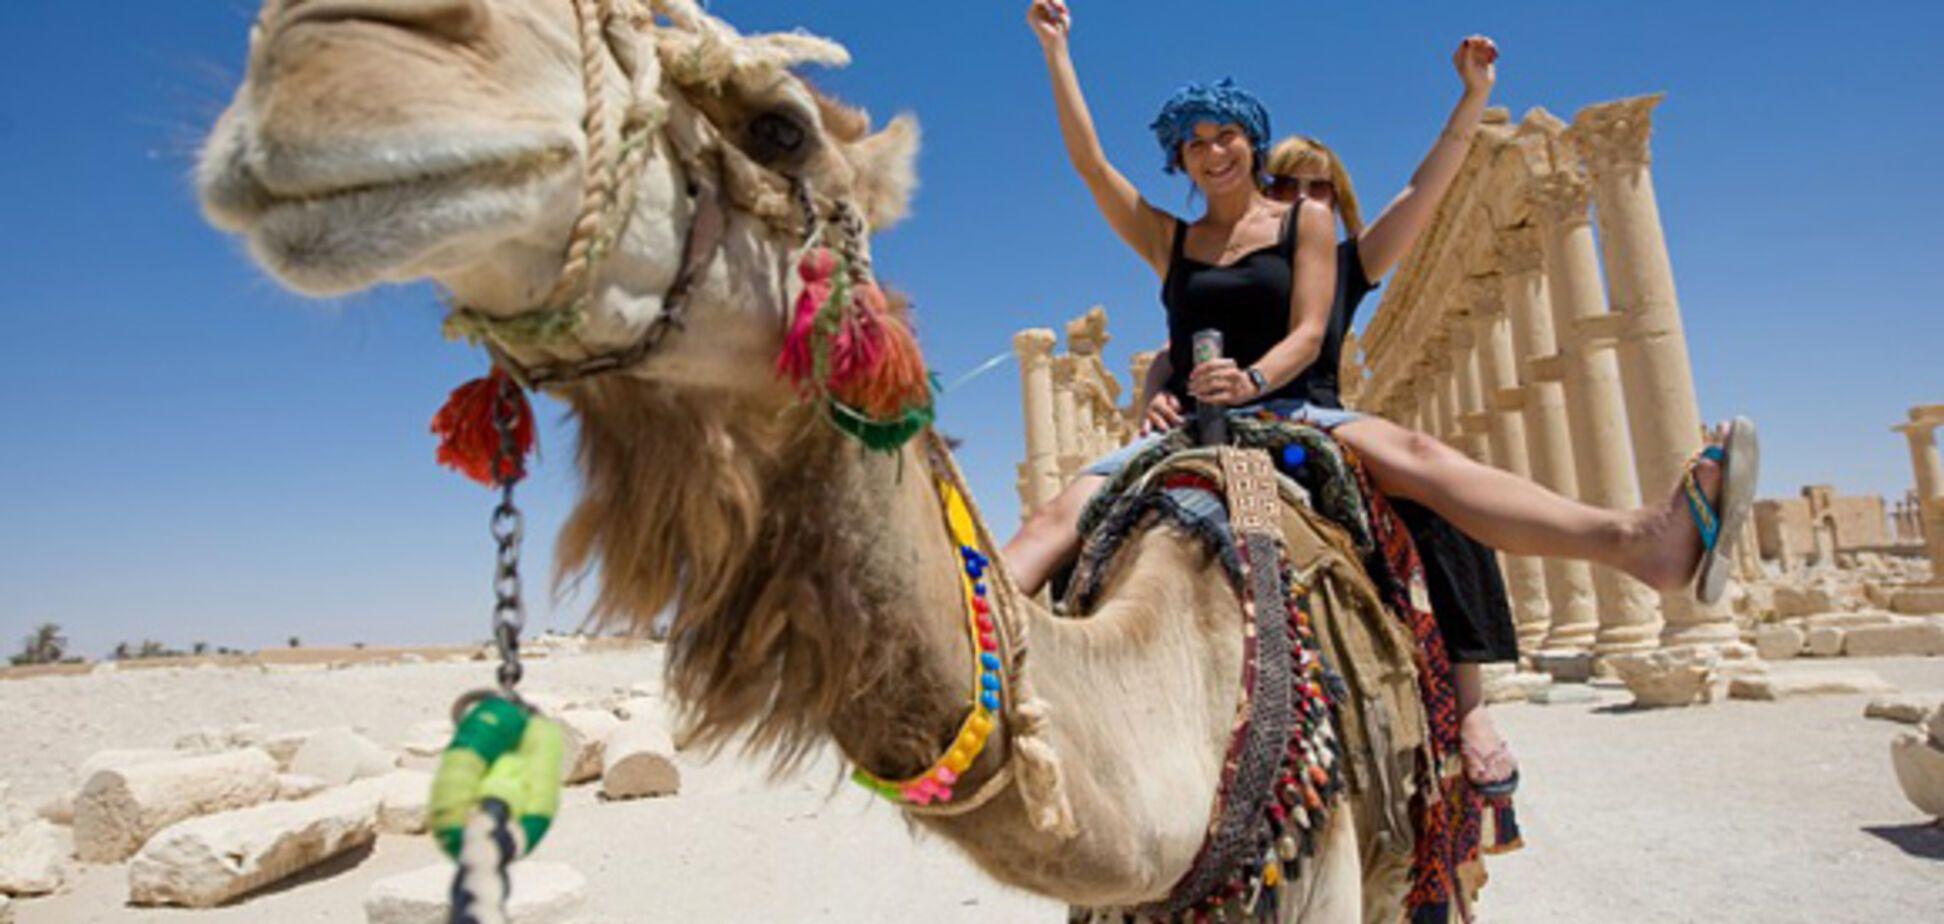 Відпочинок в Єгипті: ціни, відгуки і кращі місця країни фараонів